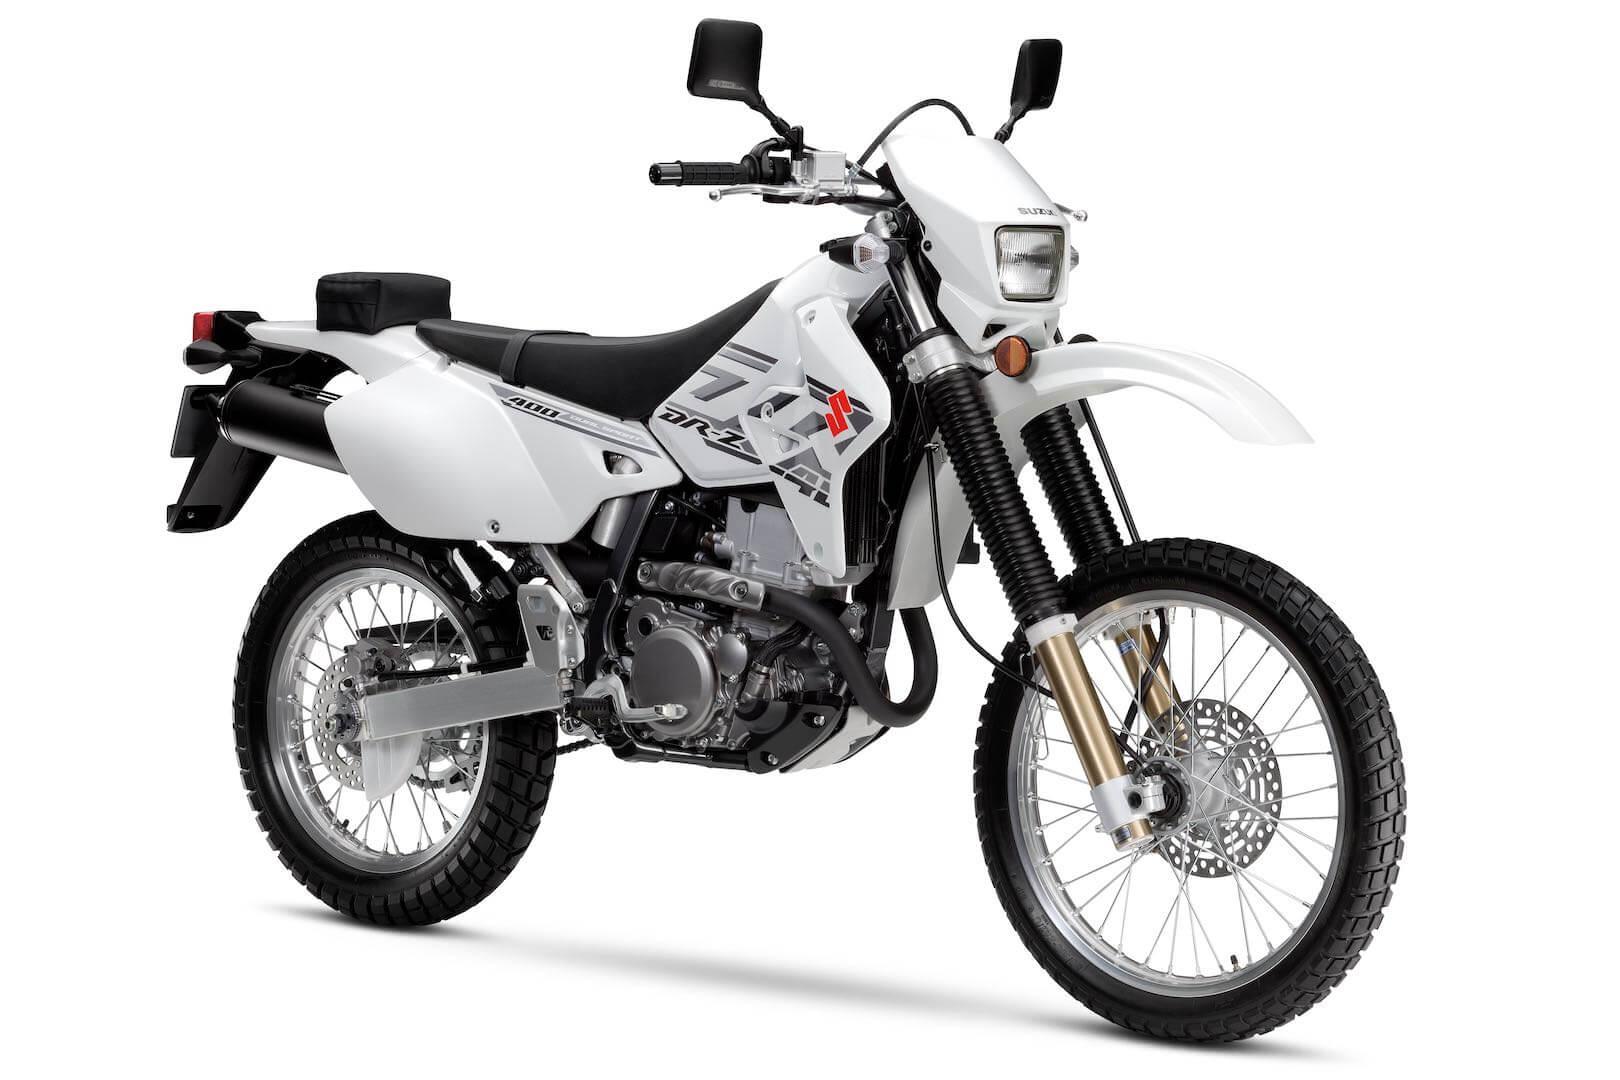 Suzuki DRZ400S